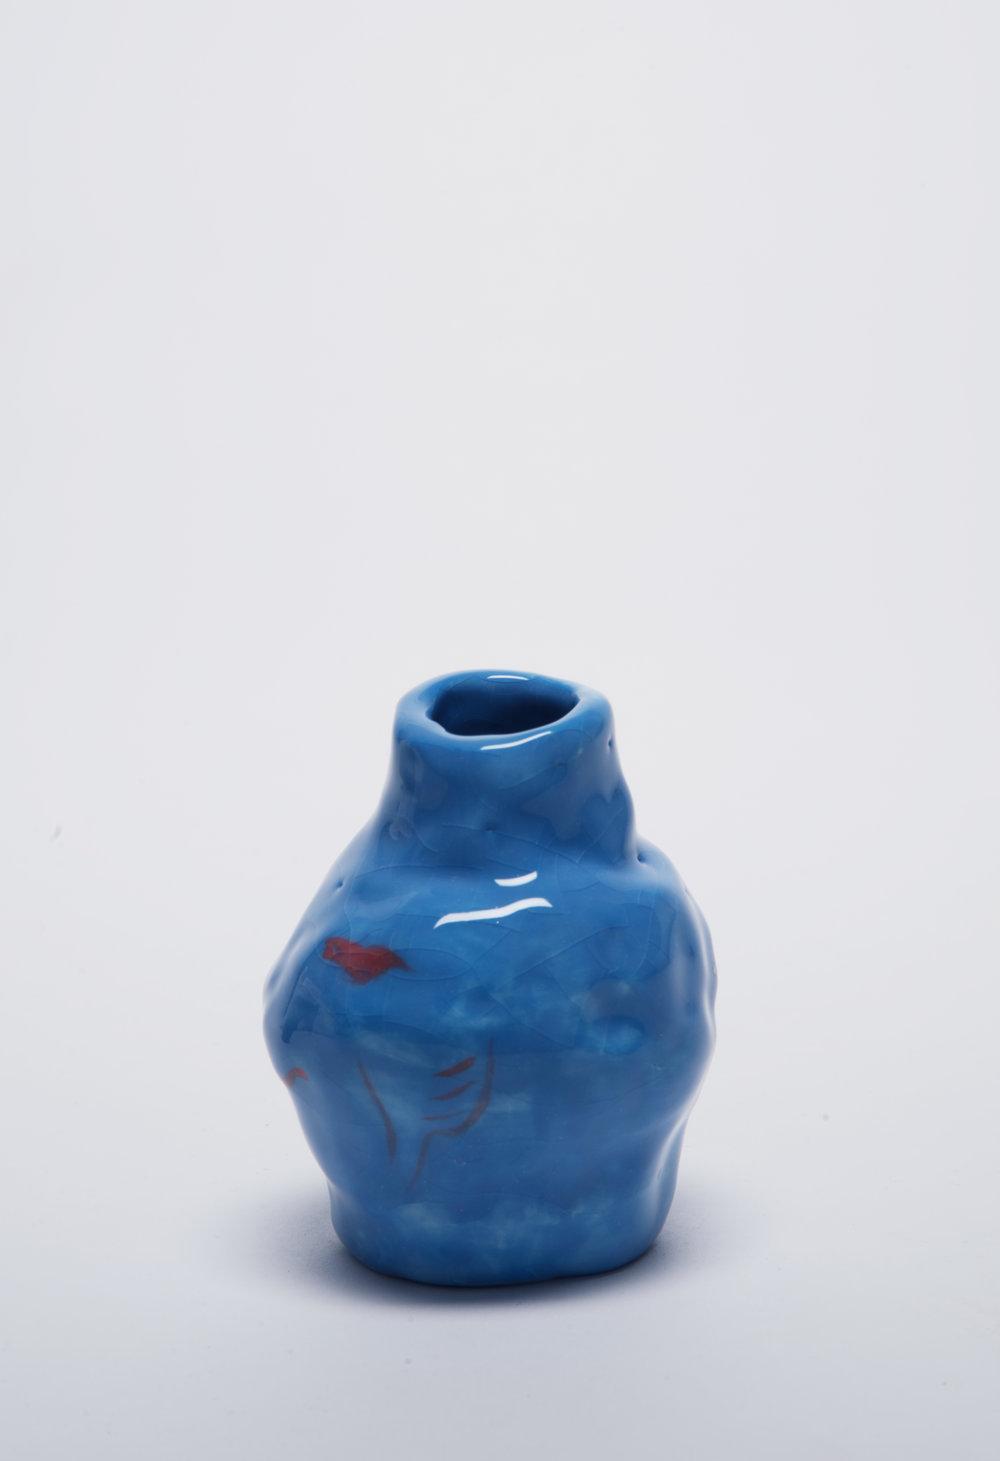 Untitled    2017, Glazed ceramic, 8x8x13cm